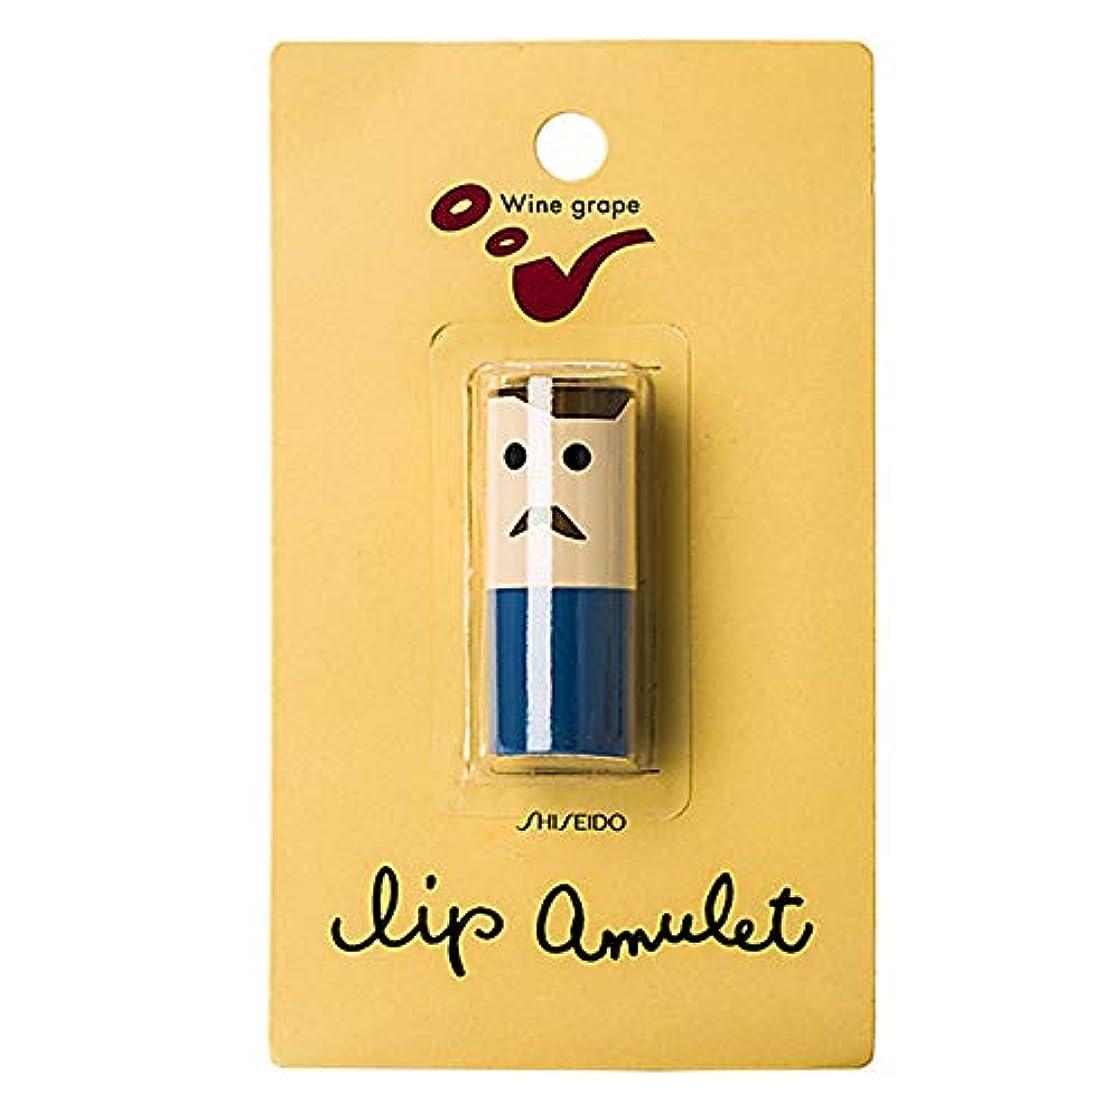 足マウンド注意【台湾限定】資生堂 Shiseido リップアミュレット Lip Amulet お土産 コスメ 色つきリップ 単品 葡萄酒紅 (ワイングレープ) [並行輸入品]